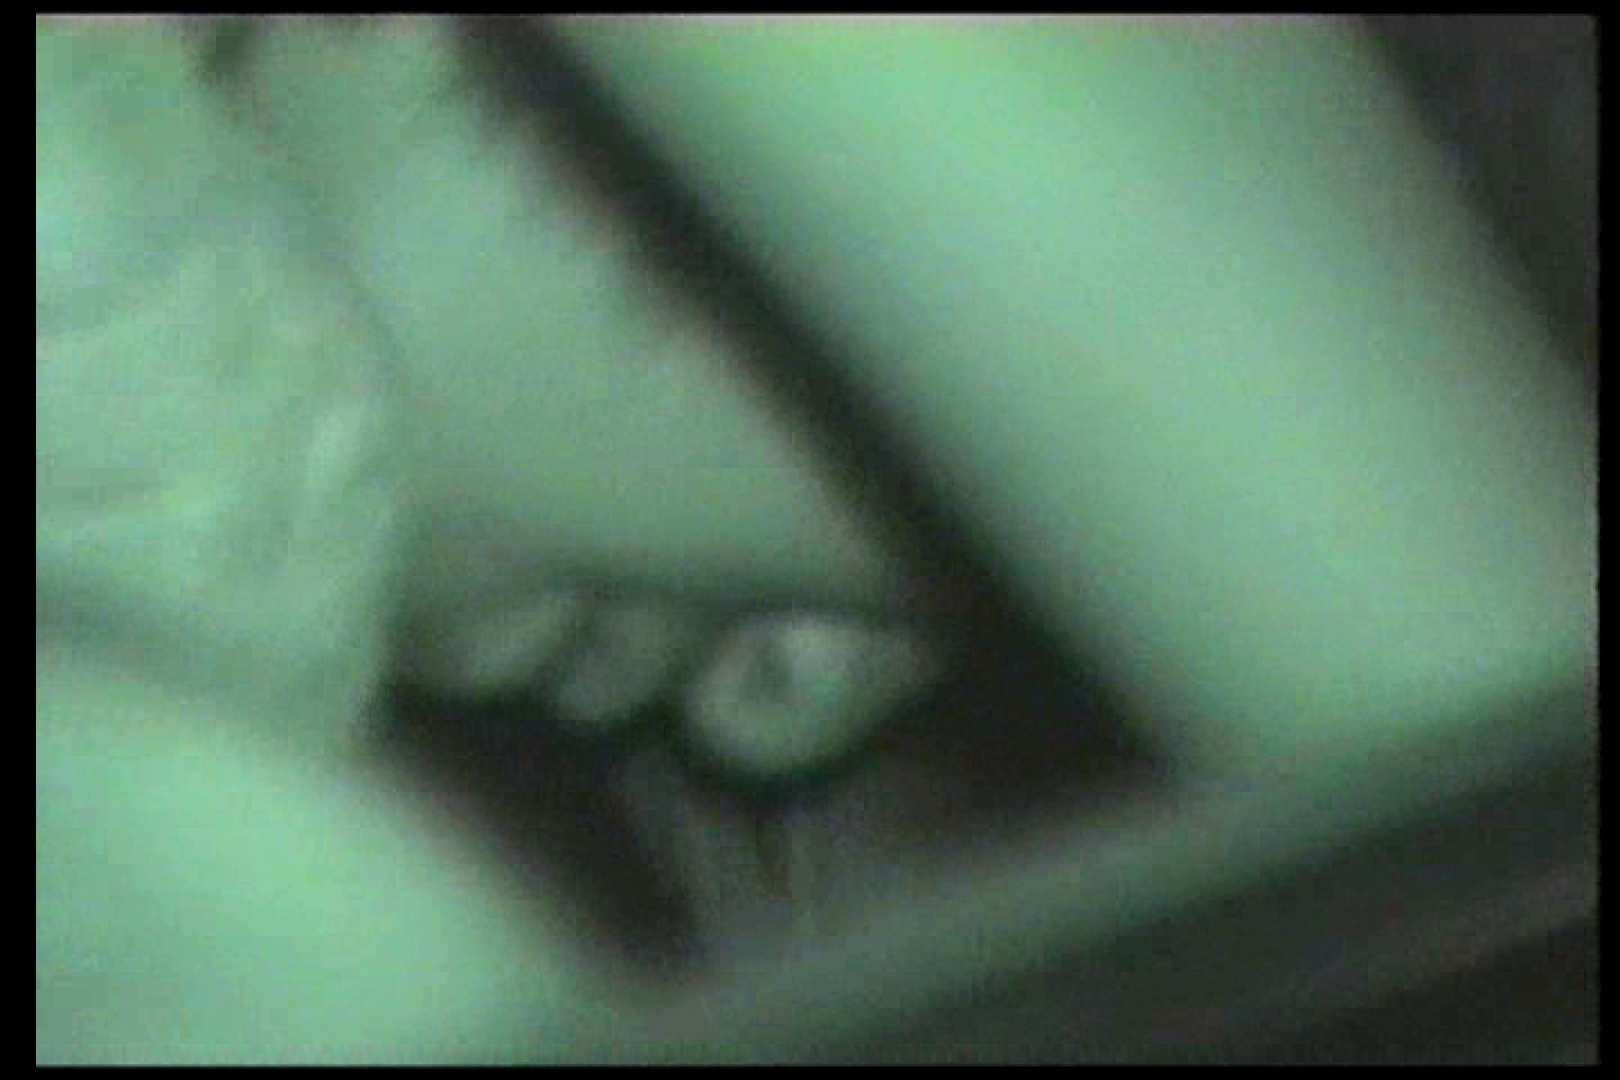 カーセックス未編集・無修正版 Vol.6後編 素人 覗きぱこり動画紹介 101pic 33